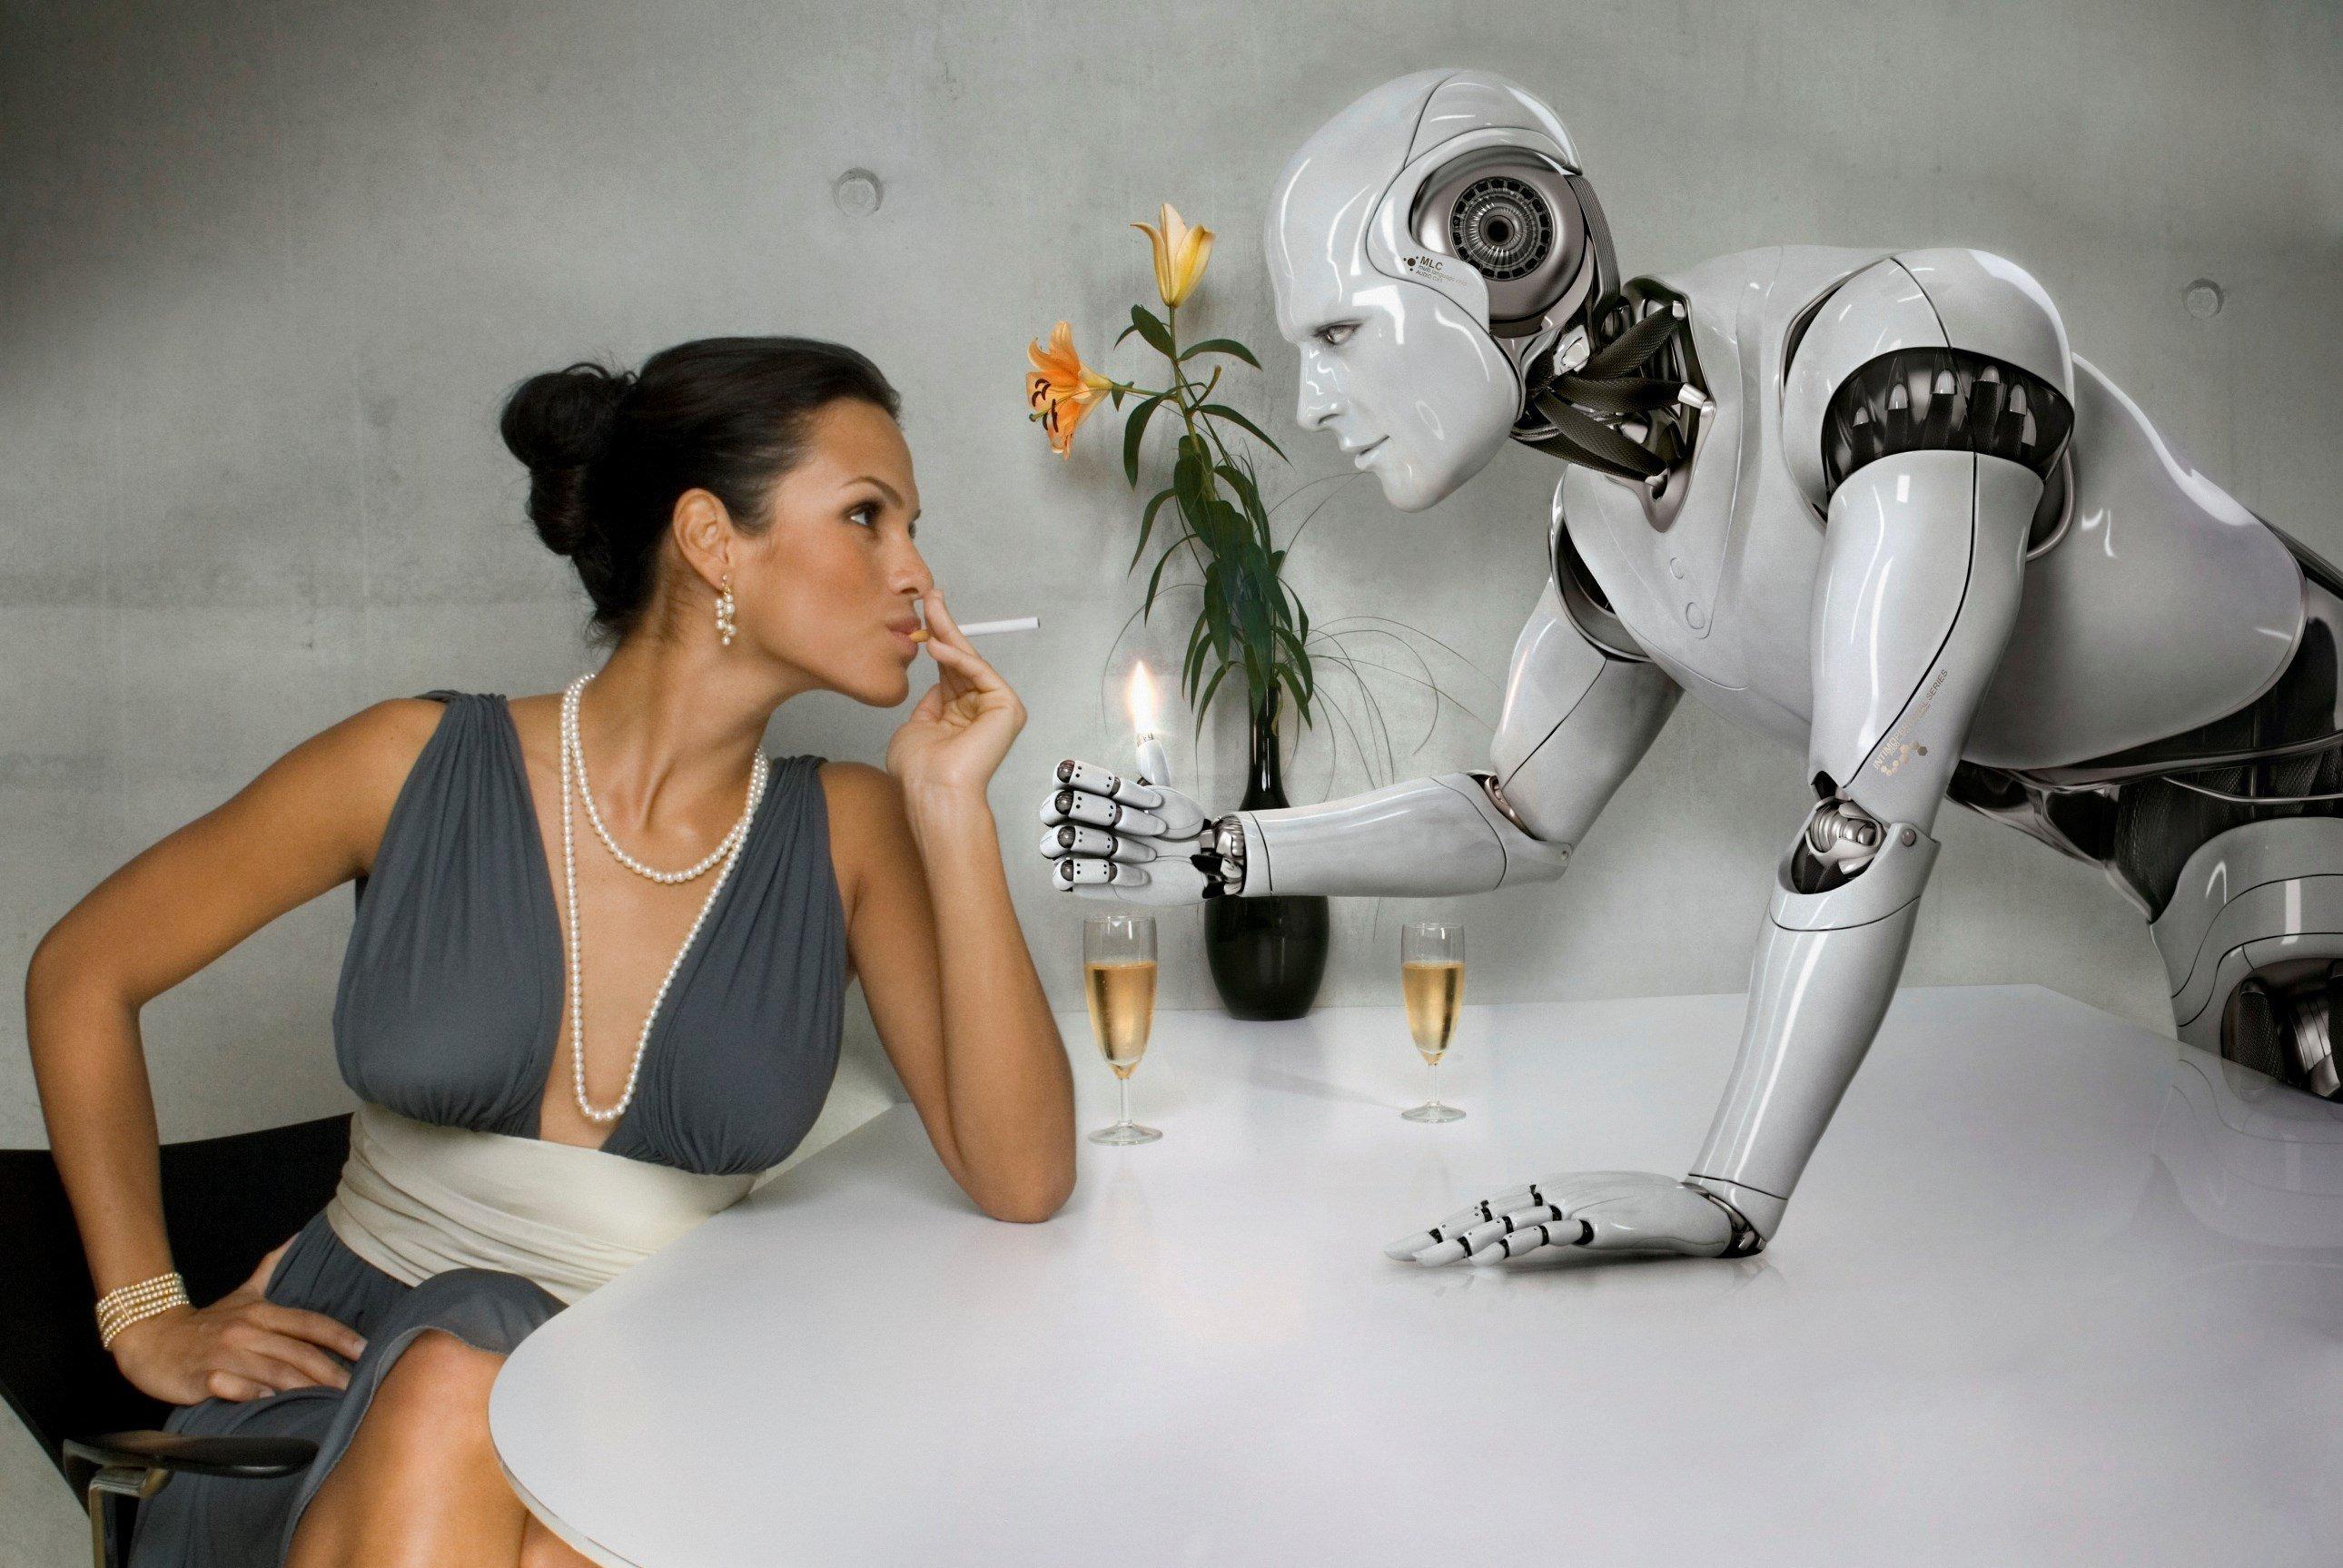 Занимаются сексом с роботом